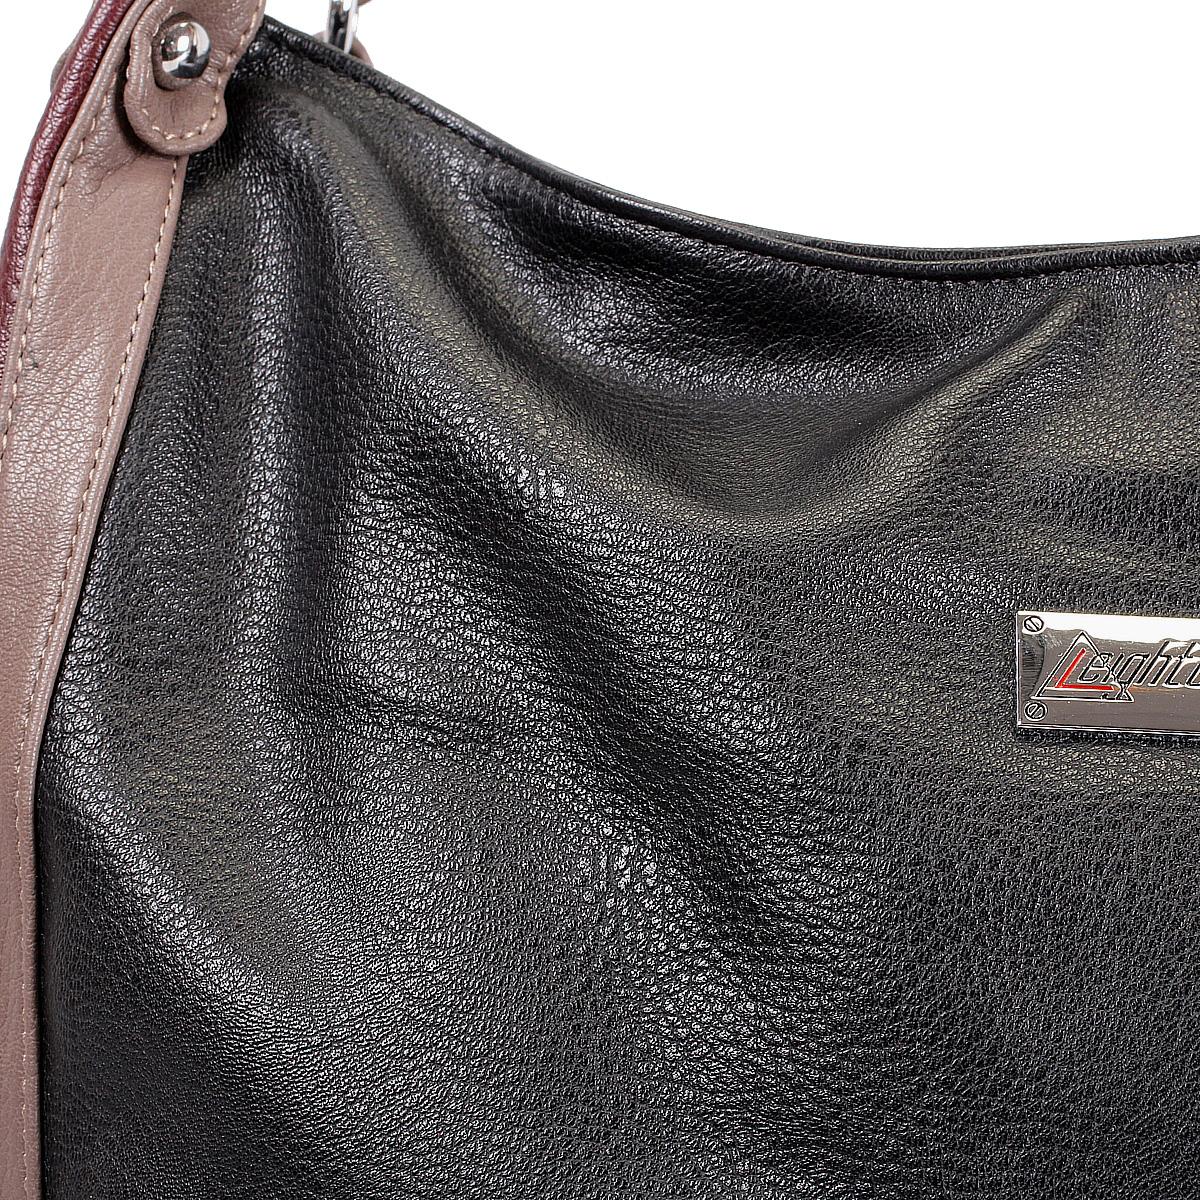 Сумка женская Leighton, цвет: черный, бордовый, светло-коричневый. 76602-149/149/3/149/8 ( 76602-149/149/3/149/8 )